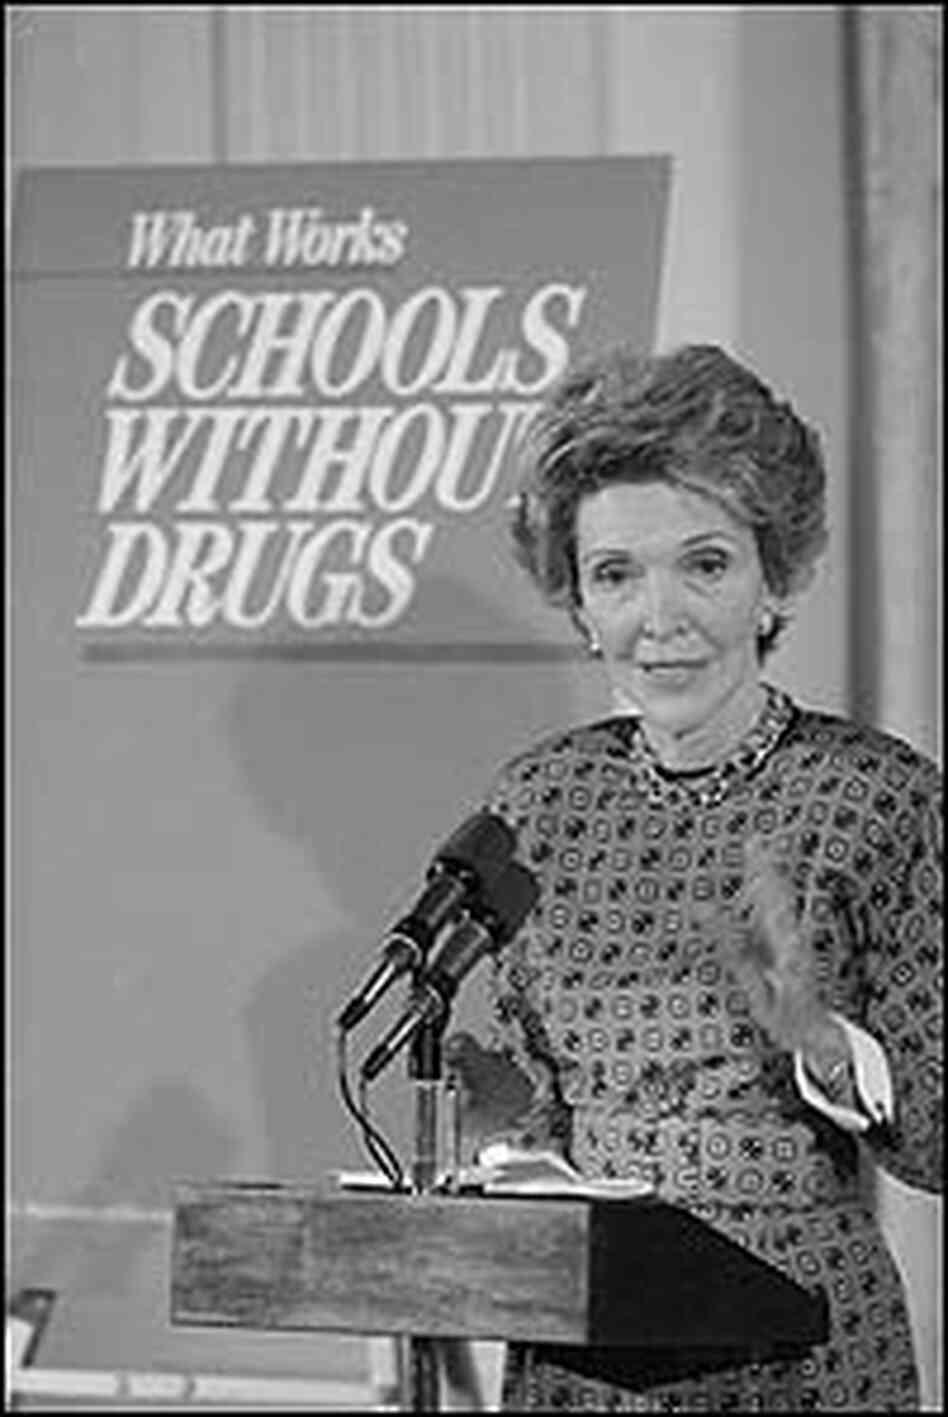 Reagans war on drugs essay